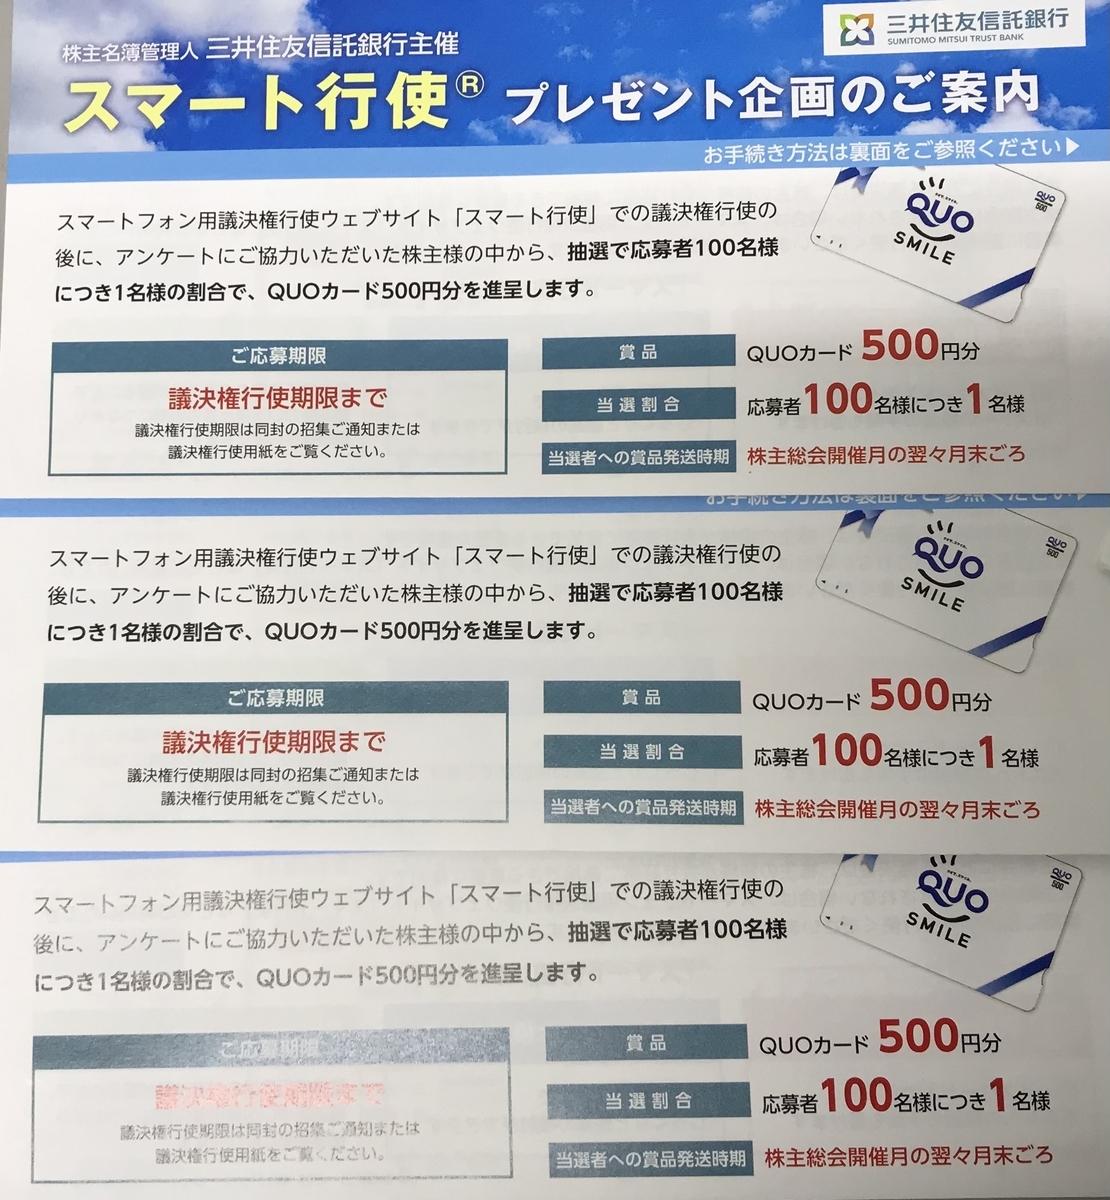 f:id:taokami:20210605153231j:plain